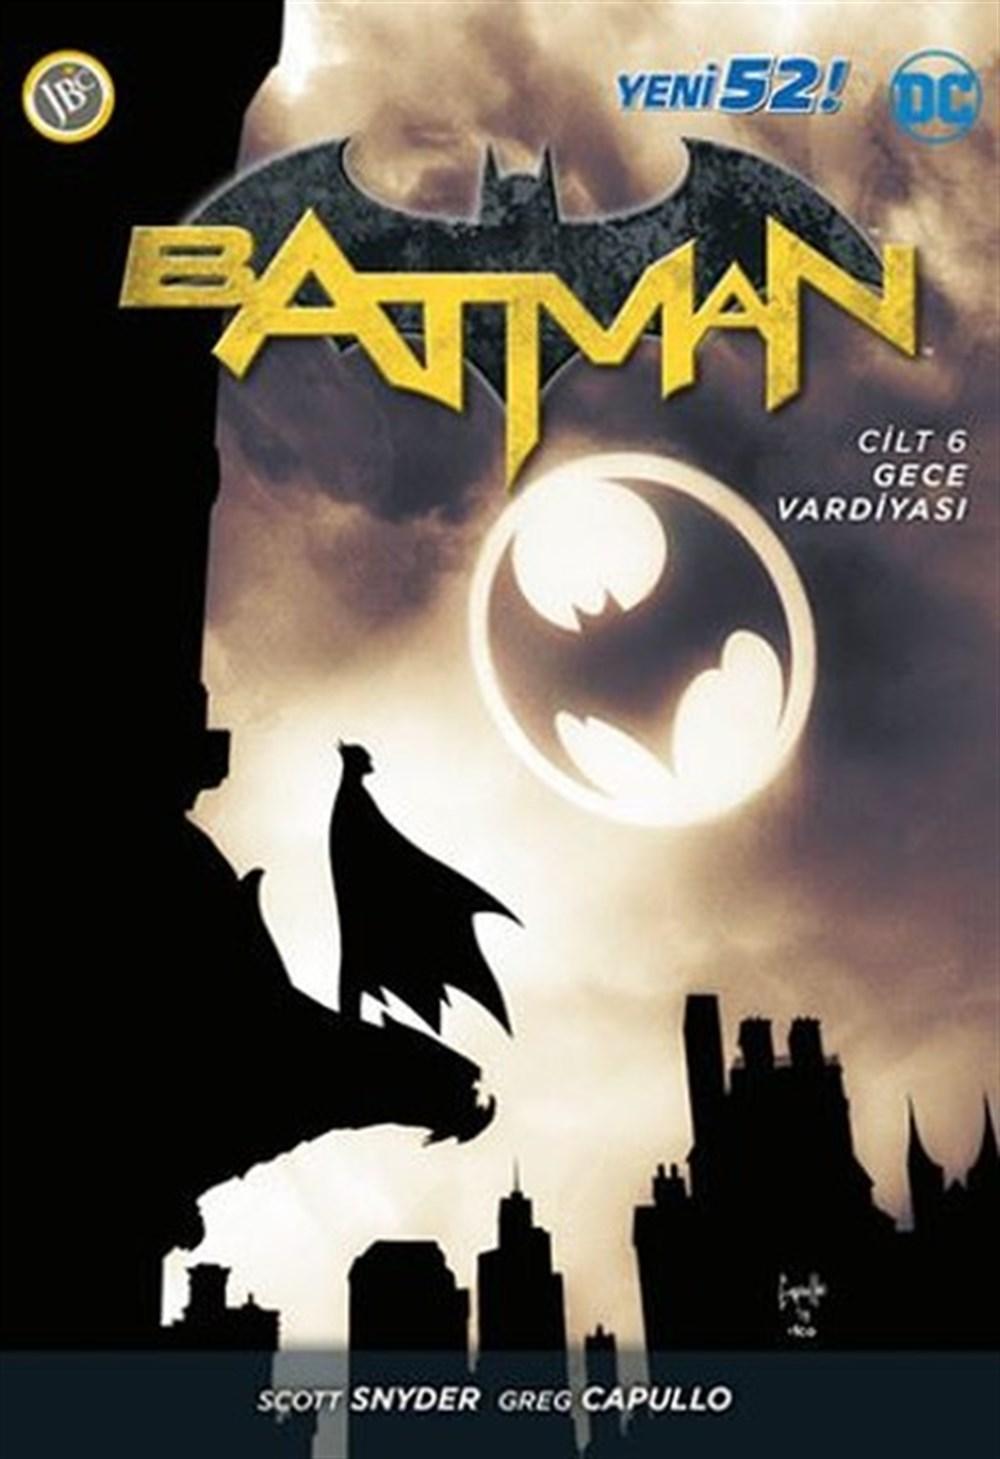 Batman Yeni 52 Cilt 6: Gece Vardiyası